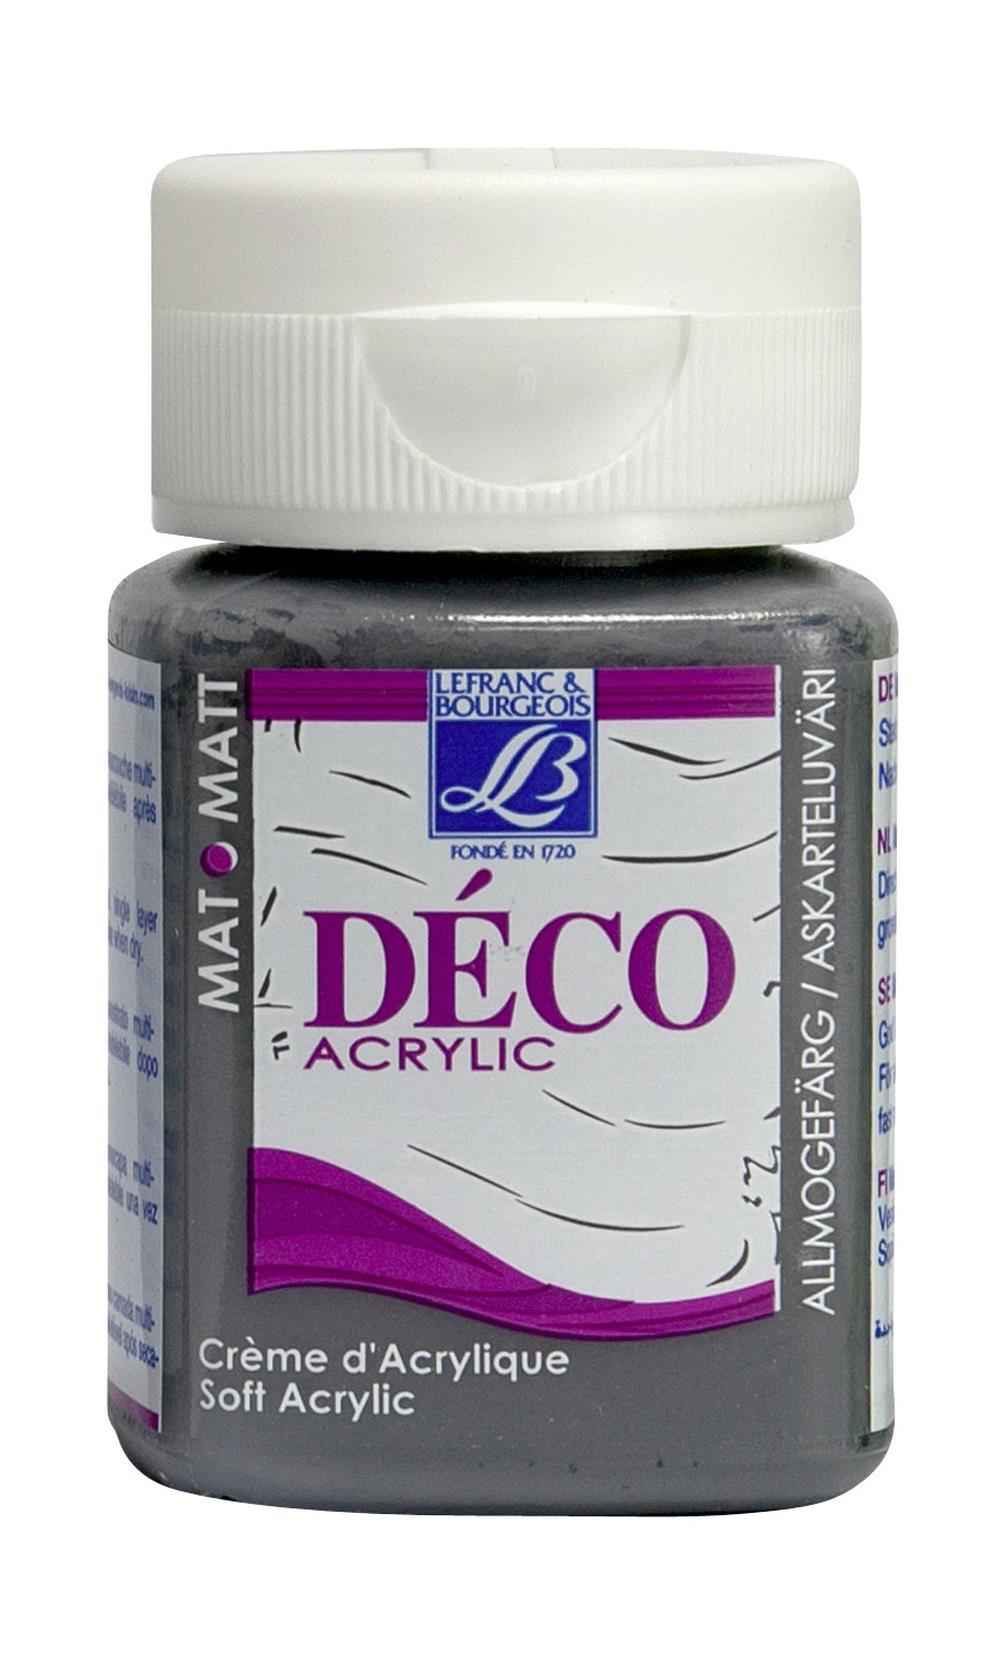 Hobbyfärg L&B Deco Matt Akryl 50ml Flannel grey warm 876 (4F)